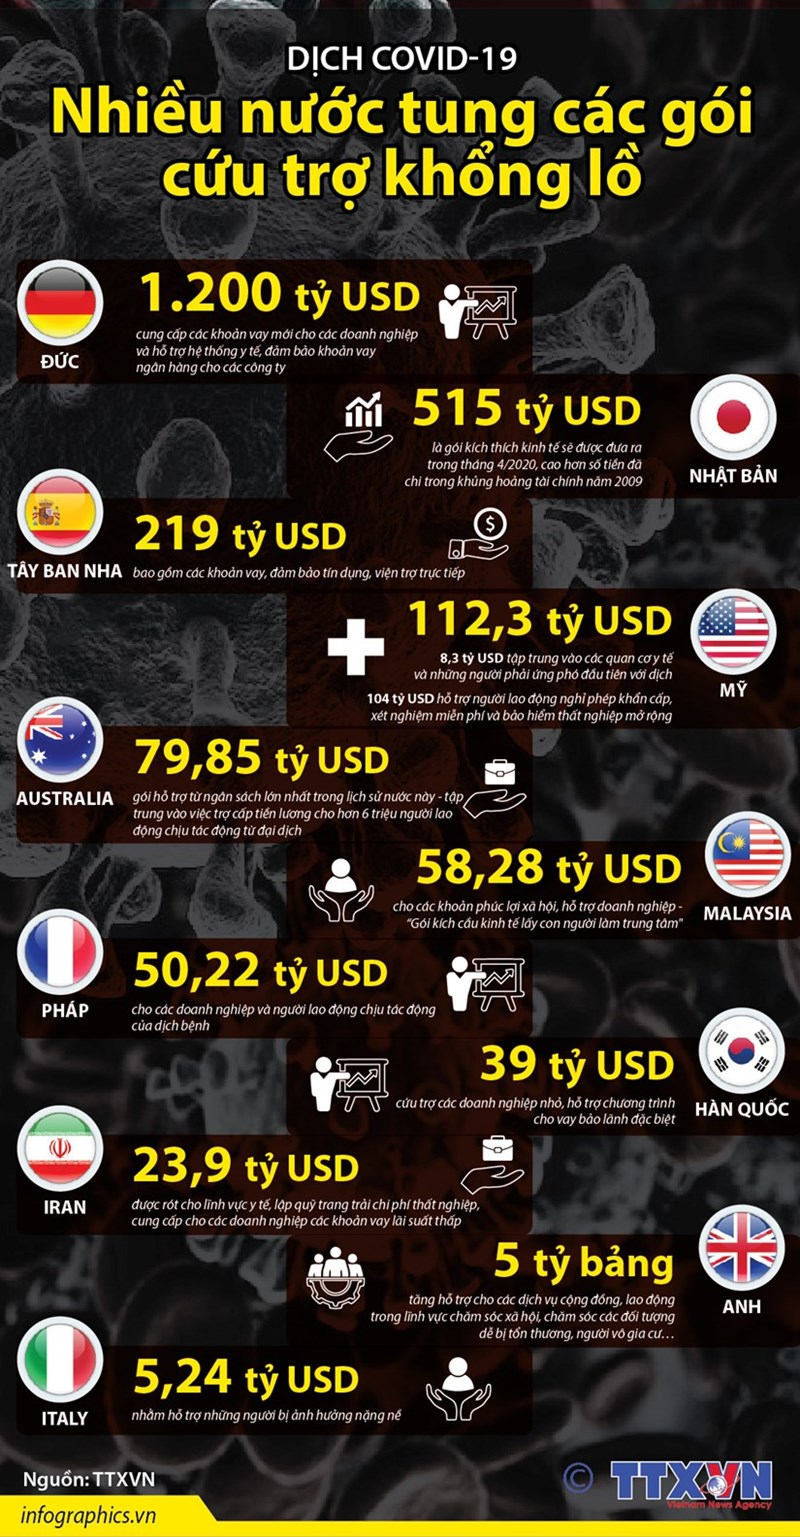 [Infographics] Nhiều nước tung các gói cứu trợ khổng lồ phòng chống dịch COVID-19 - Ảnh 1